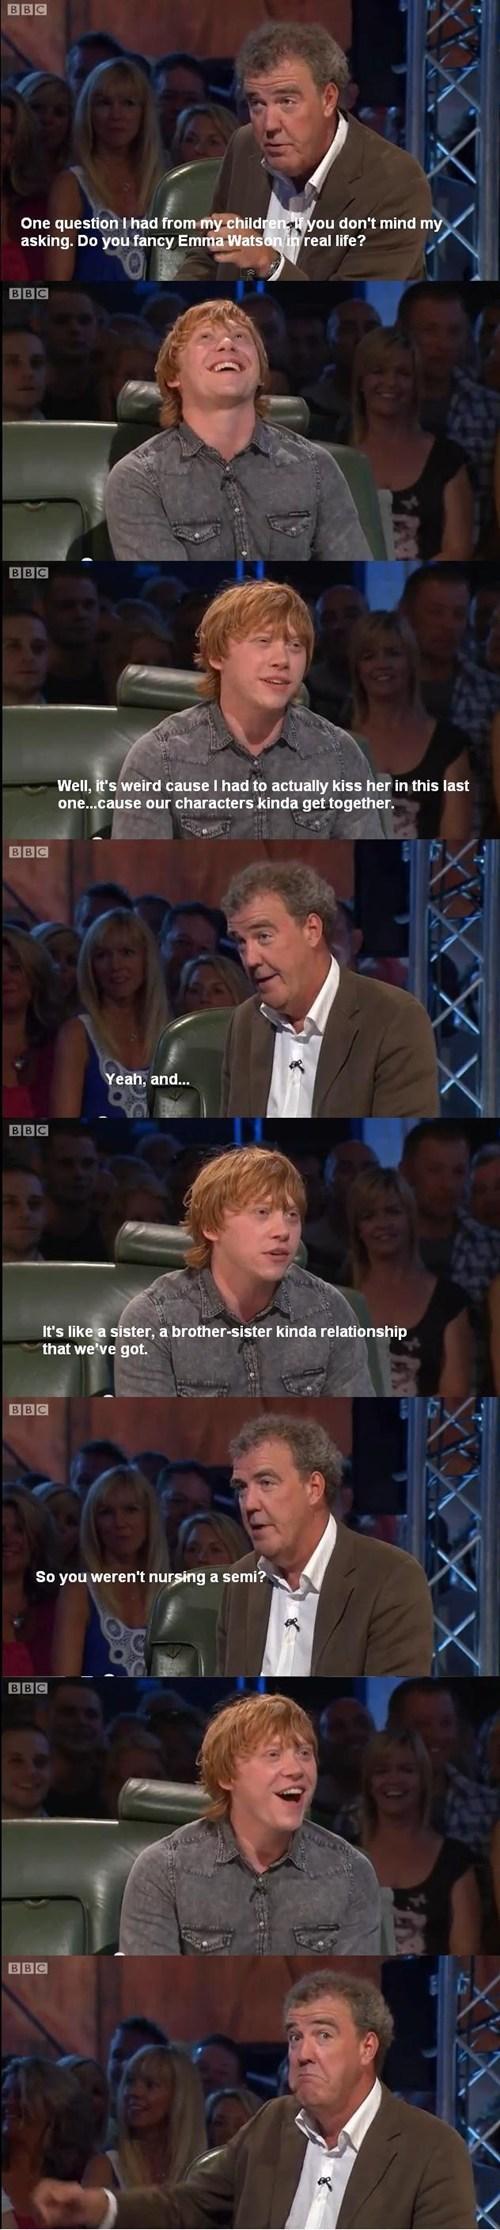 Harry Potter rupert grint emma watson Stephen Fry - 7135199744